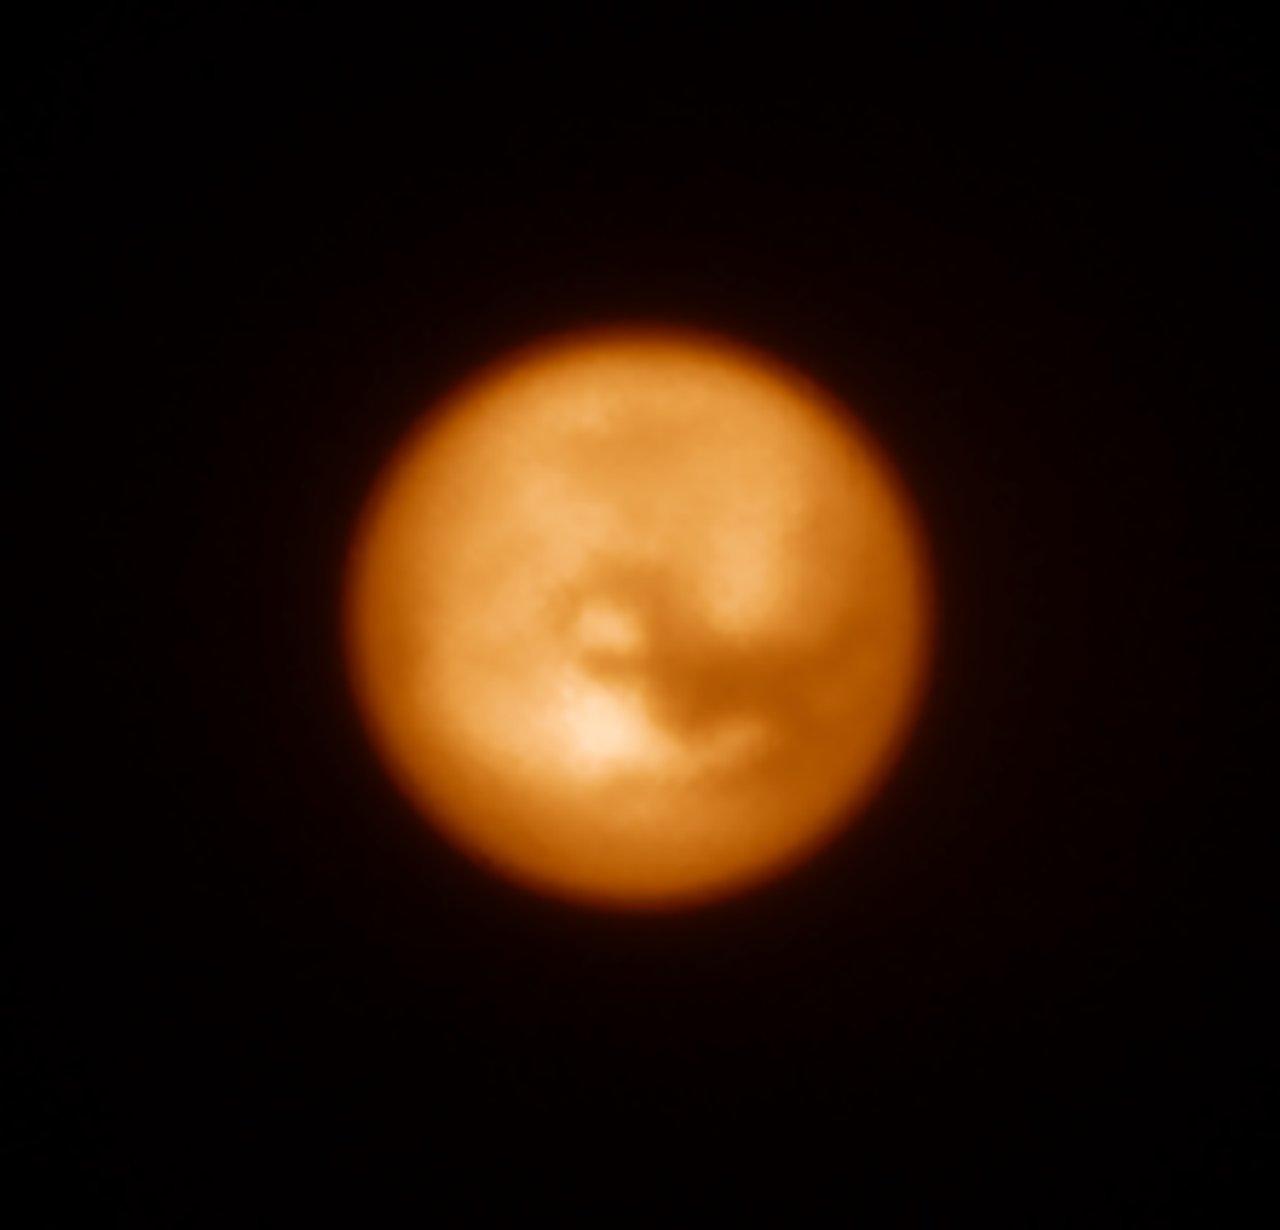 SPHERE-bilde av Saturns måne Titan